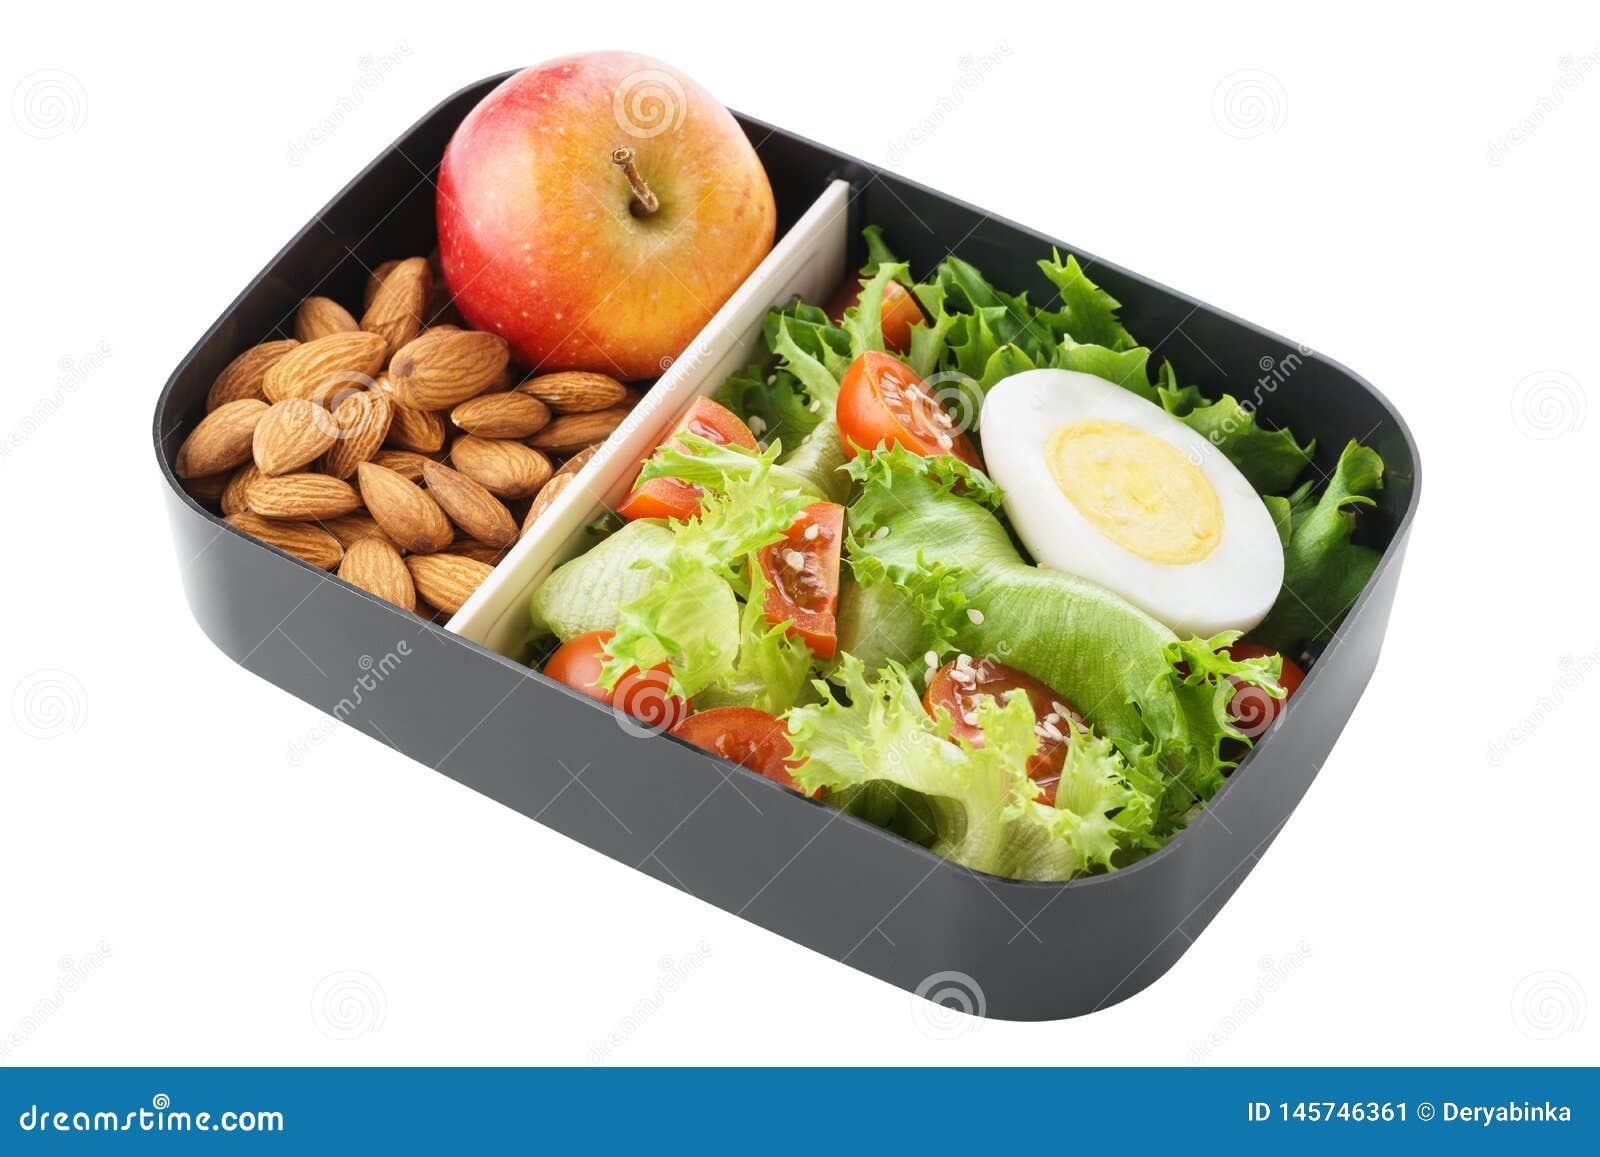 Scatola di pranzo vegetariana sana con insalata, i dadi e la mela isolato